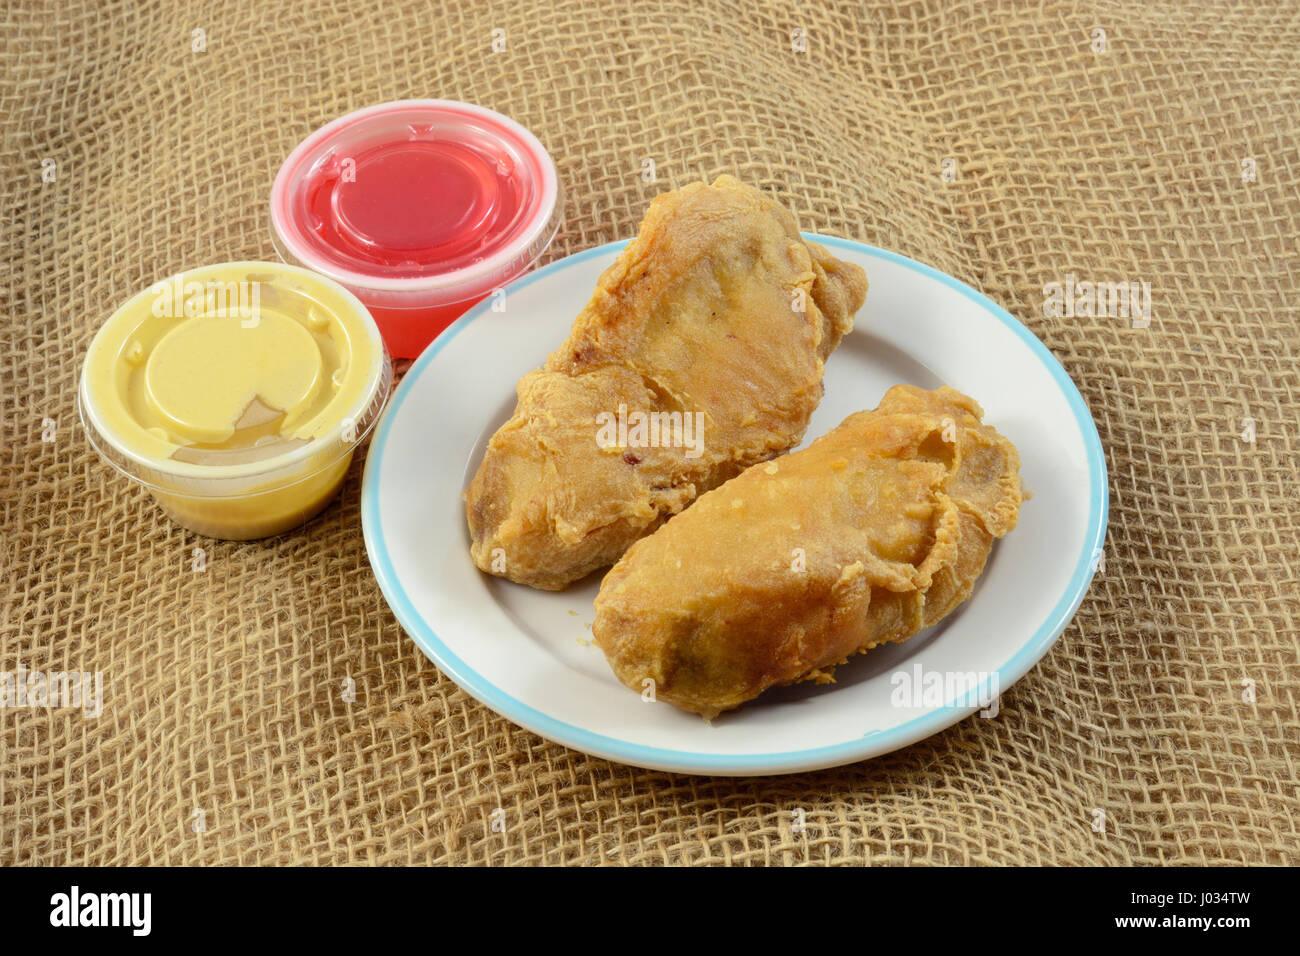 Filet de poulet frit à la moutarde apéritif et une sauce aigre-douce Photo Stock